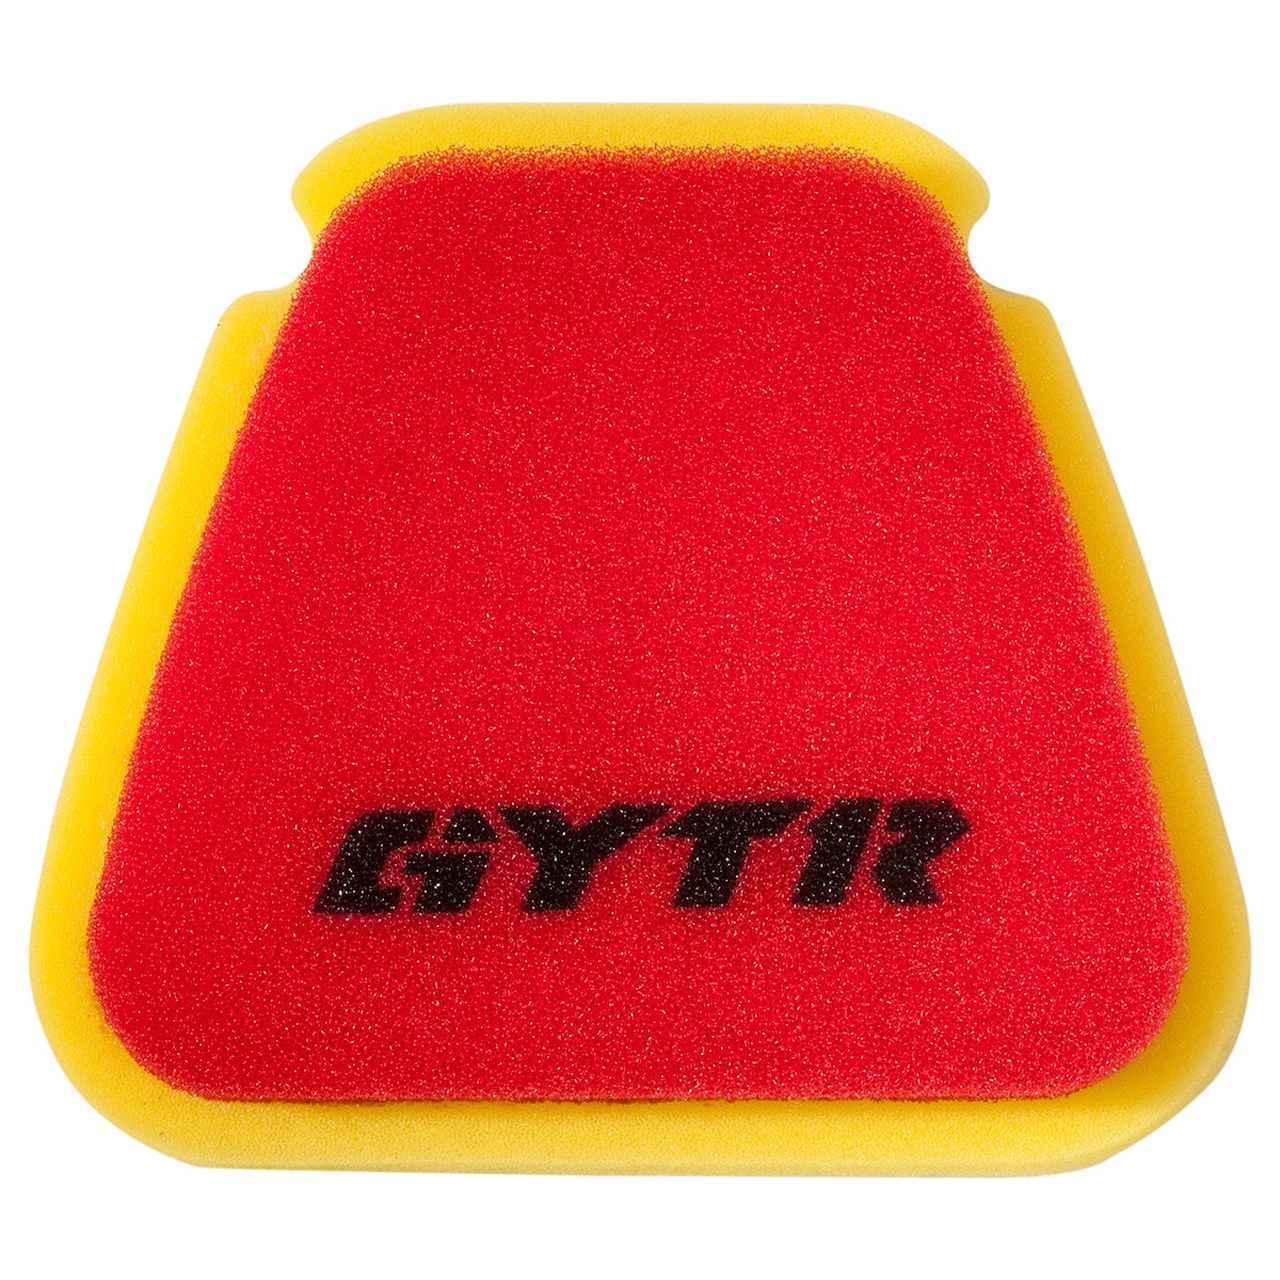 ヤマハのレーサーのカスタムなら、ファクトリー感マシマシの「GYTR」が日本で変えちゃうのだ